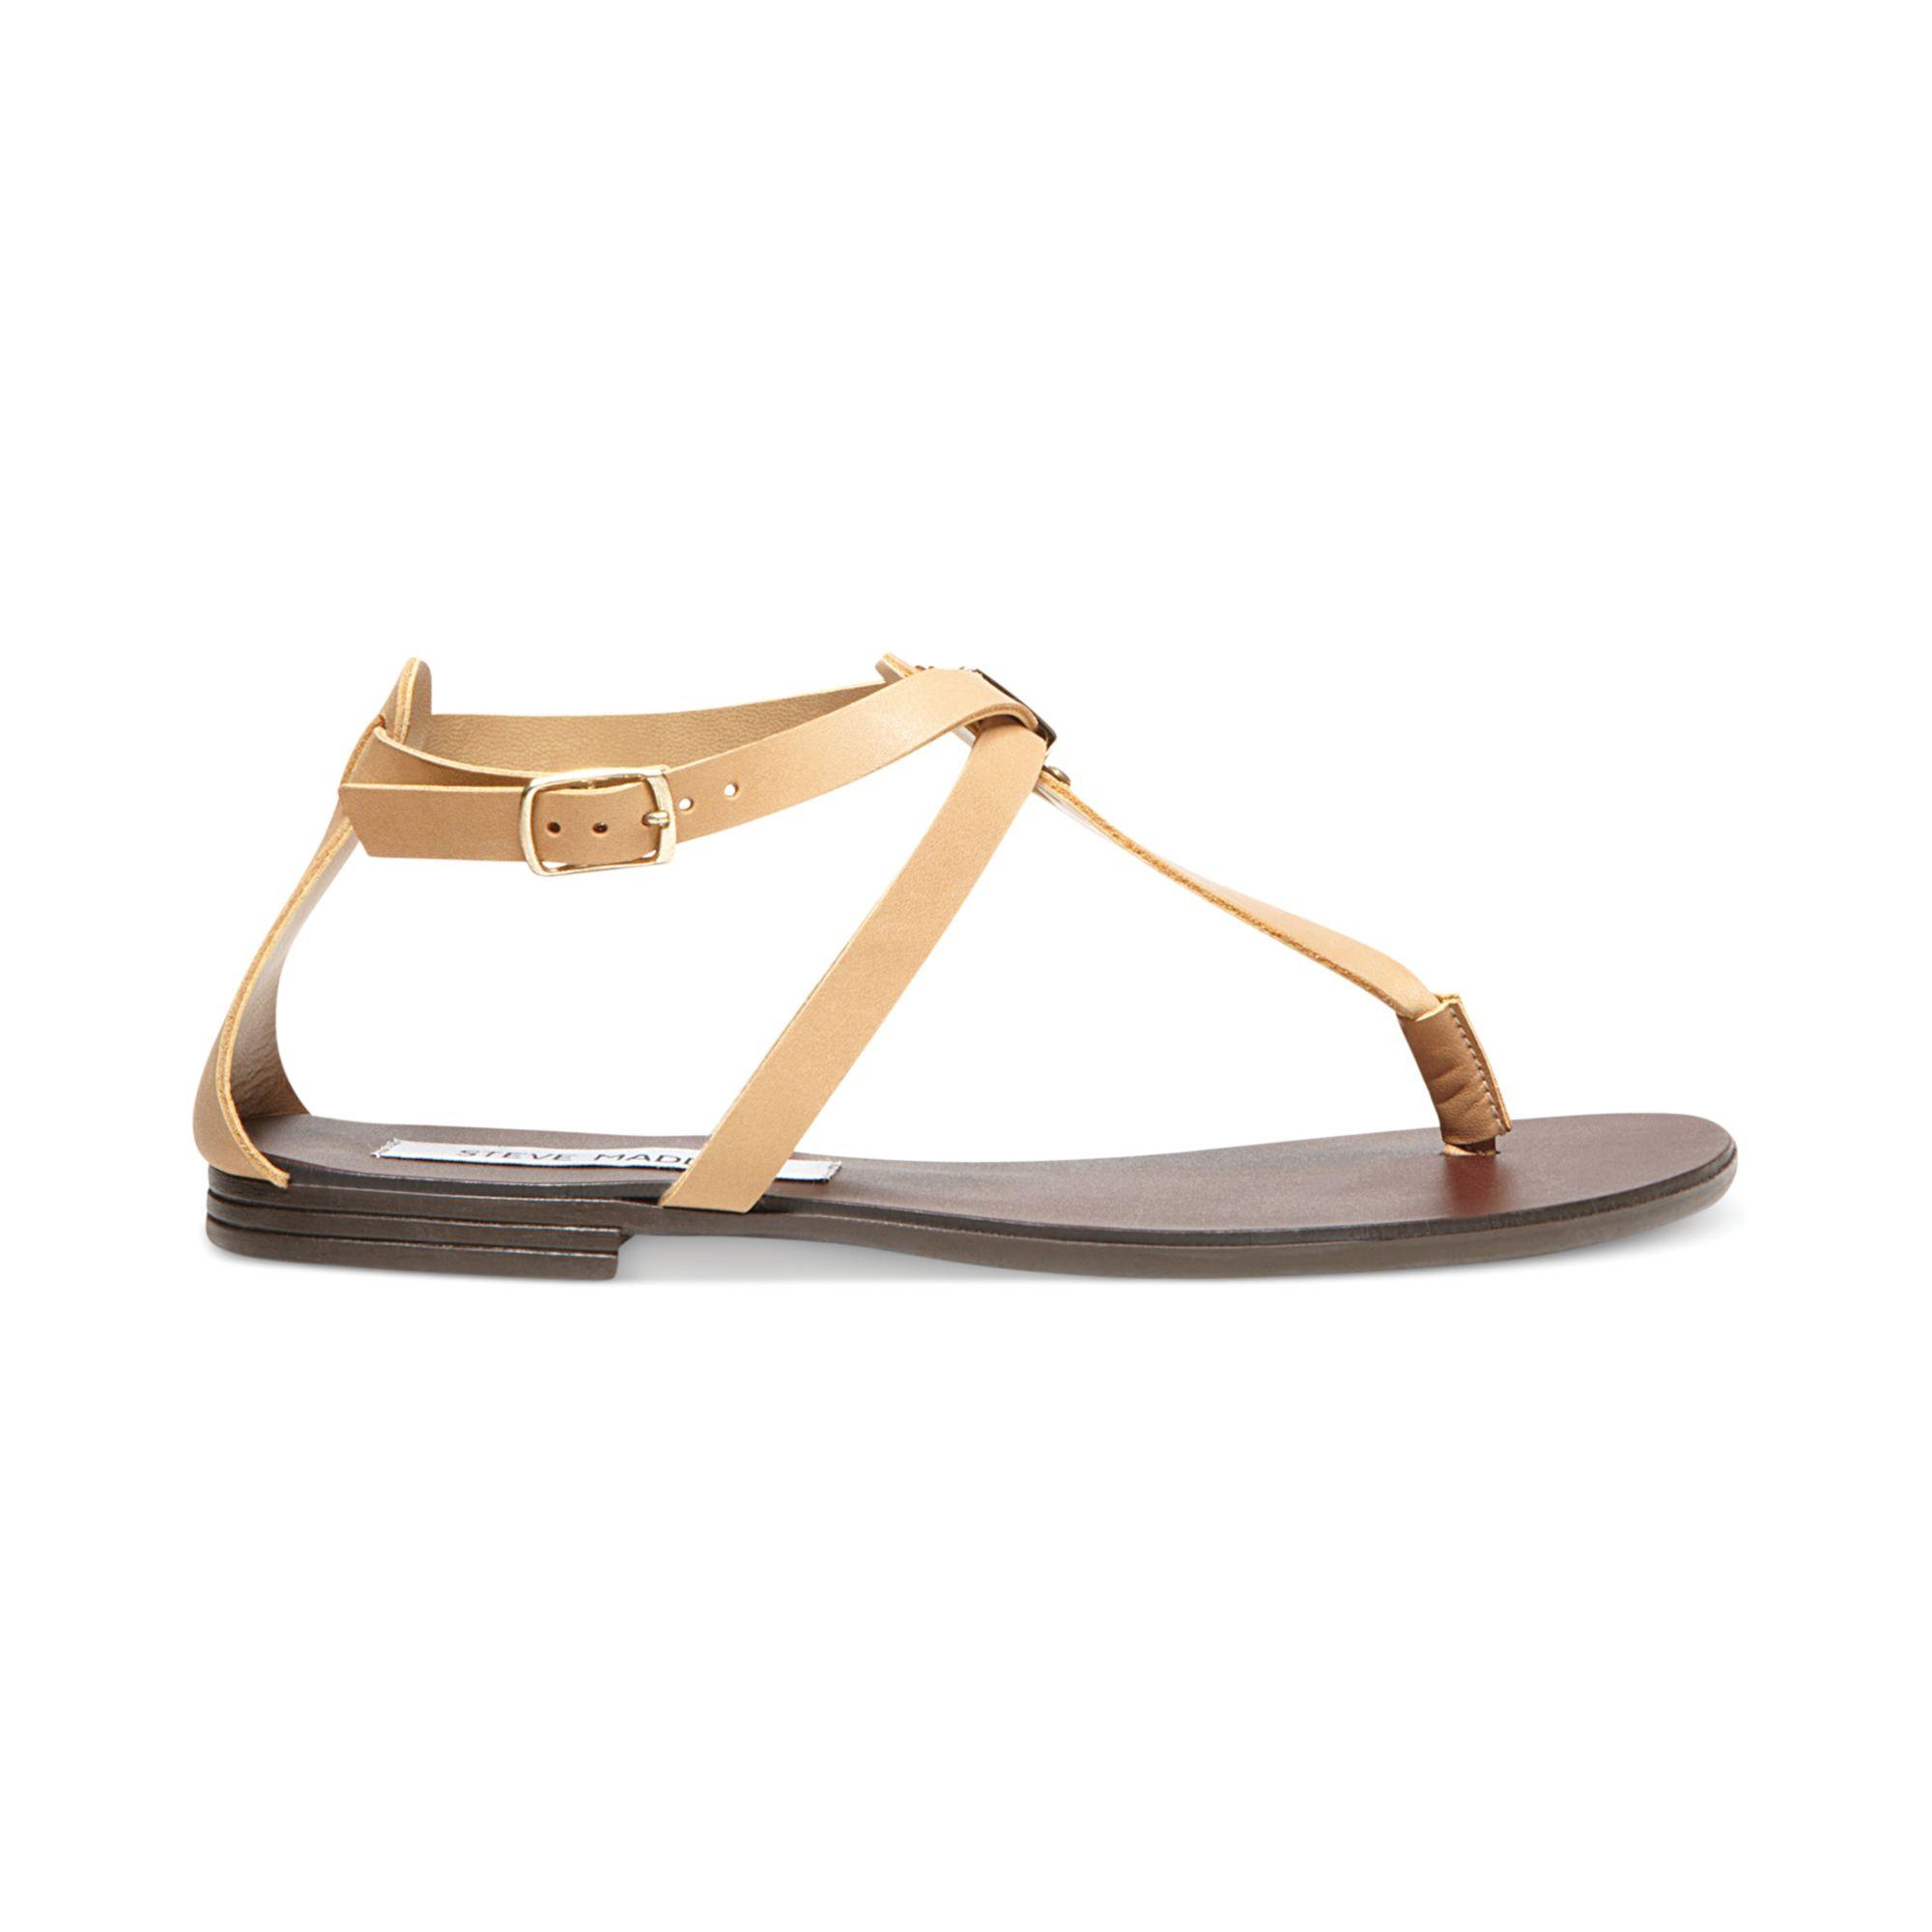 4366578b162 Steve Madden Natural Kween Flat Thong Sandals